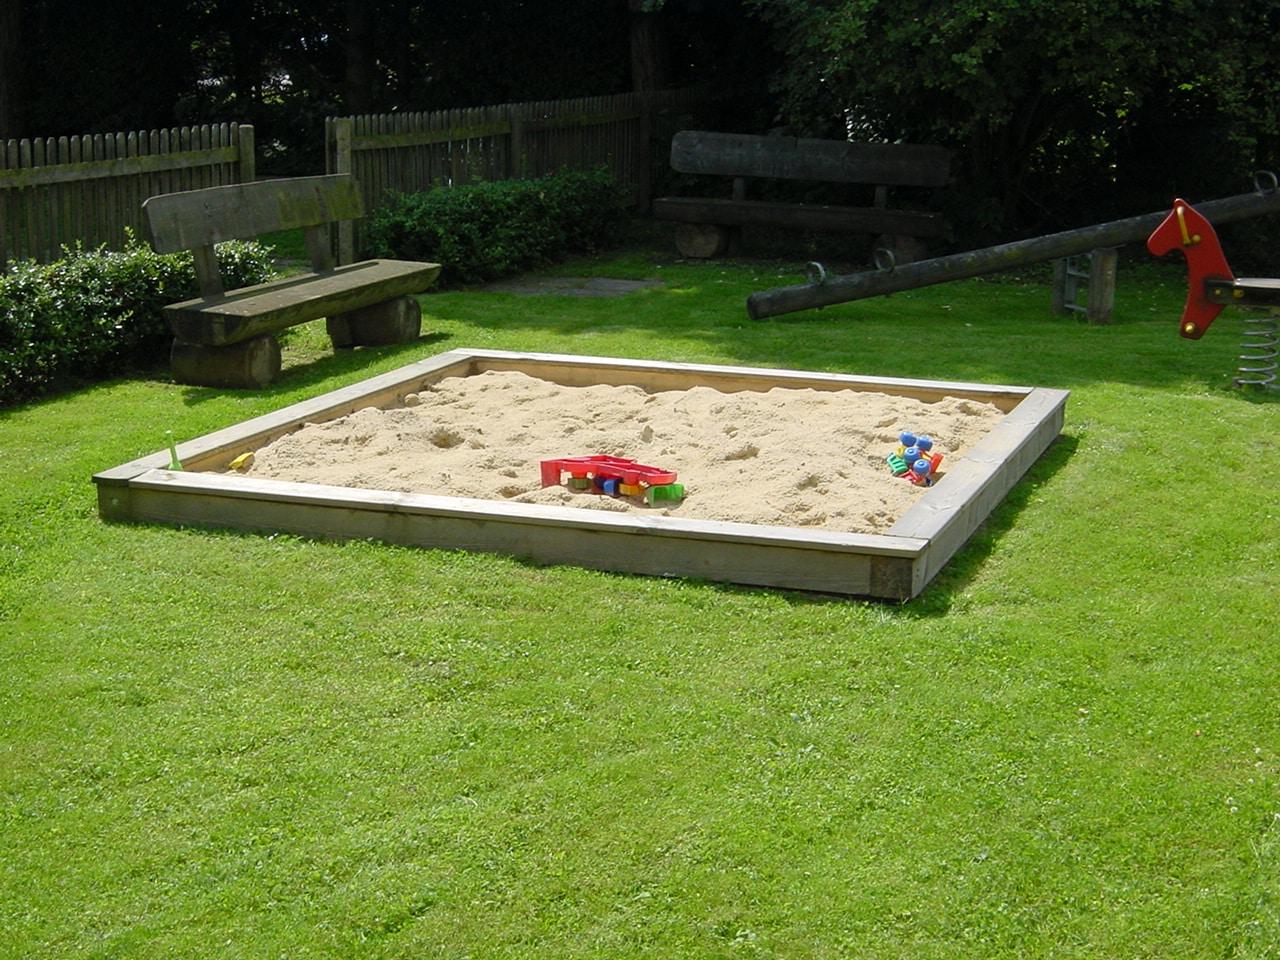 Sandreinigung Sandkasten Reinigung SandtauschGartenpflege Bad Oeynhausen